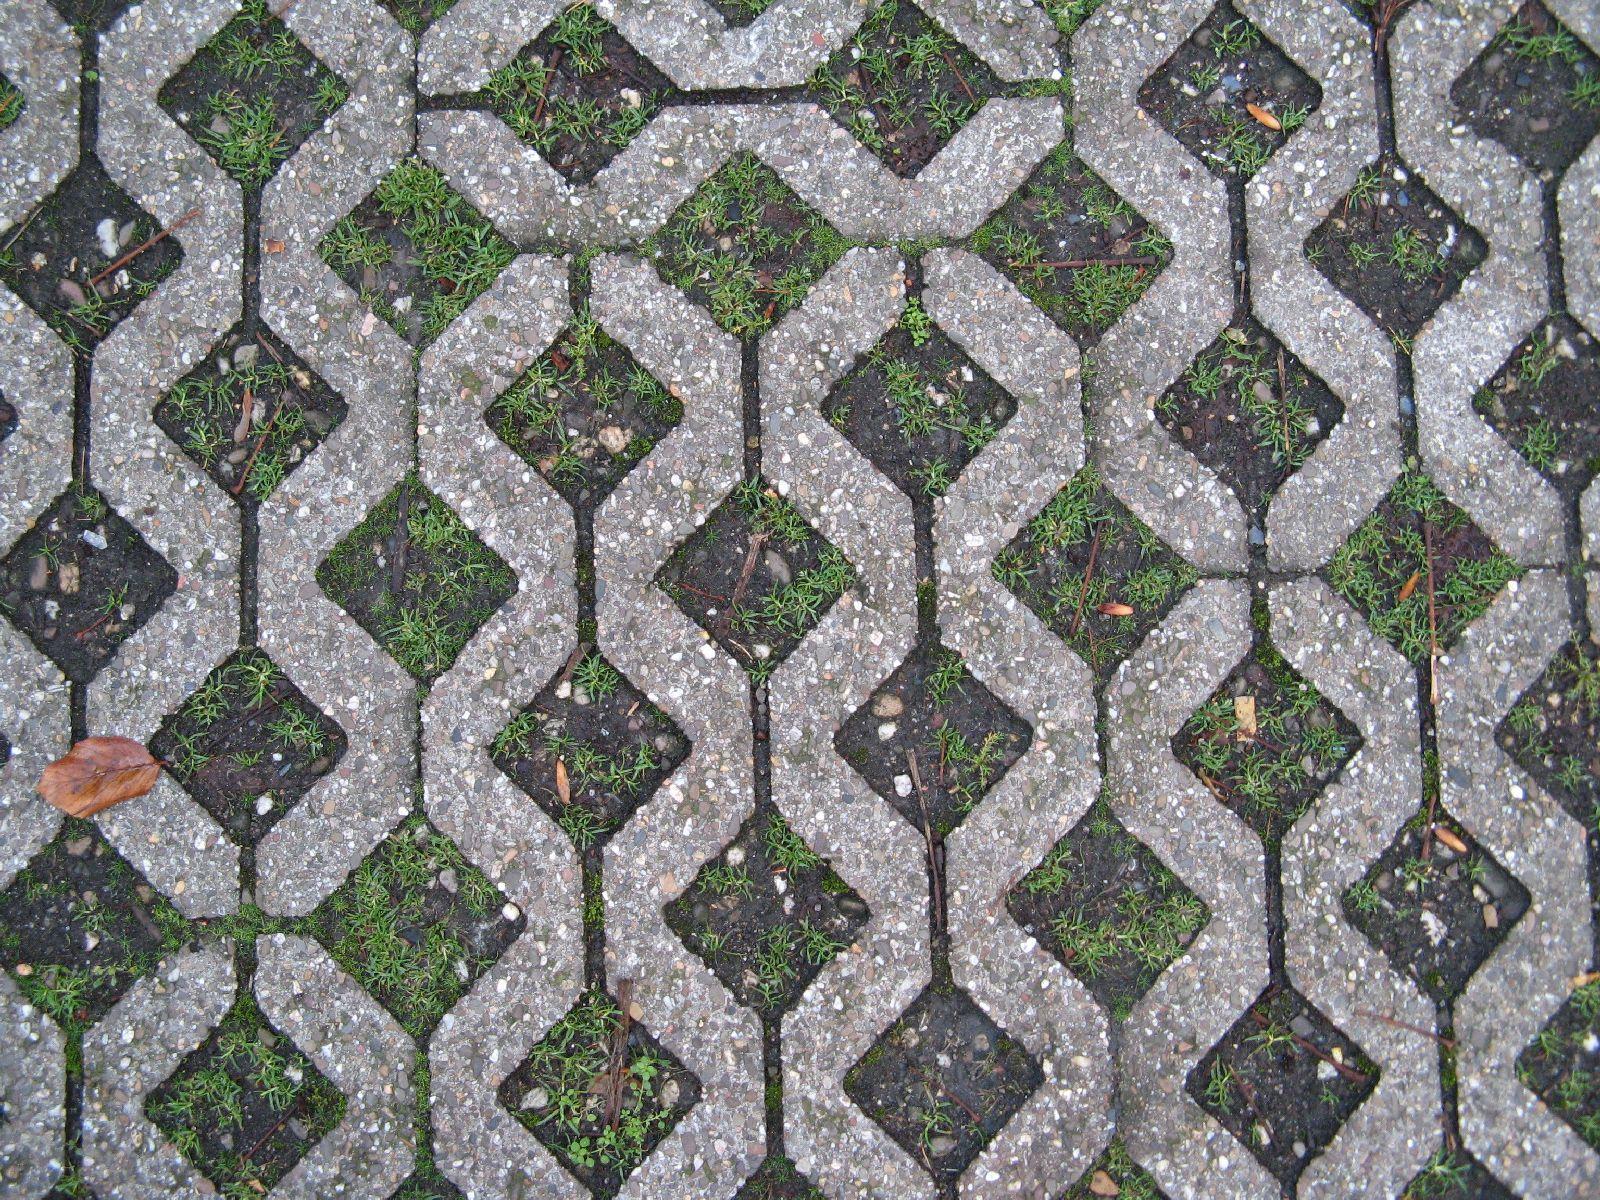 Boden-Gehweg-Strasse-Buergersteig-Textur_B_1052